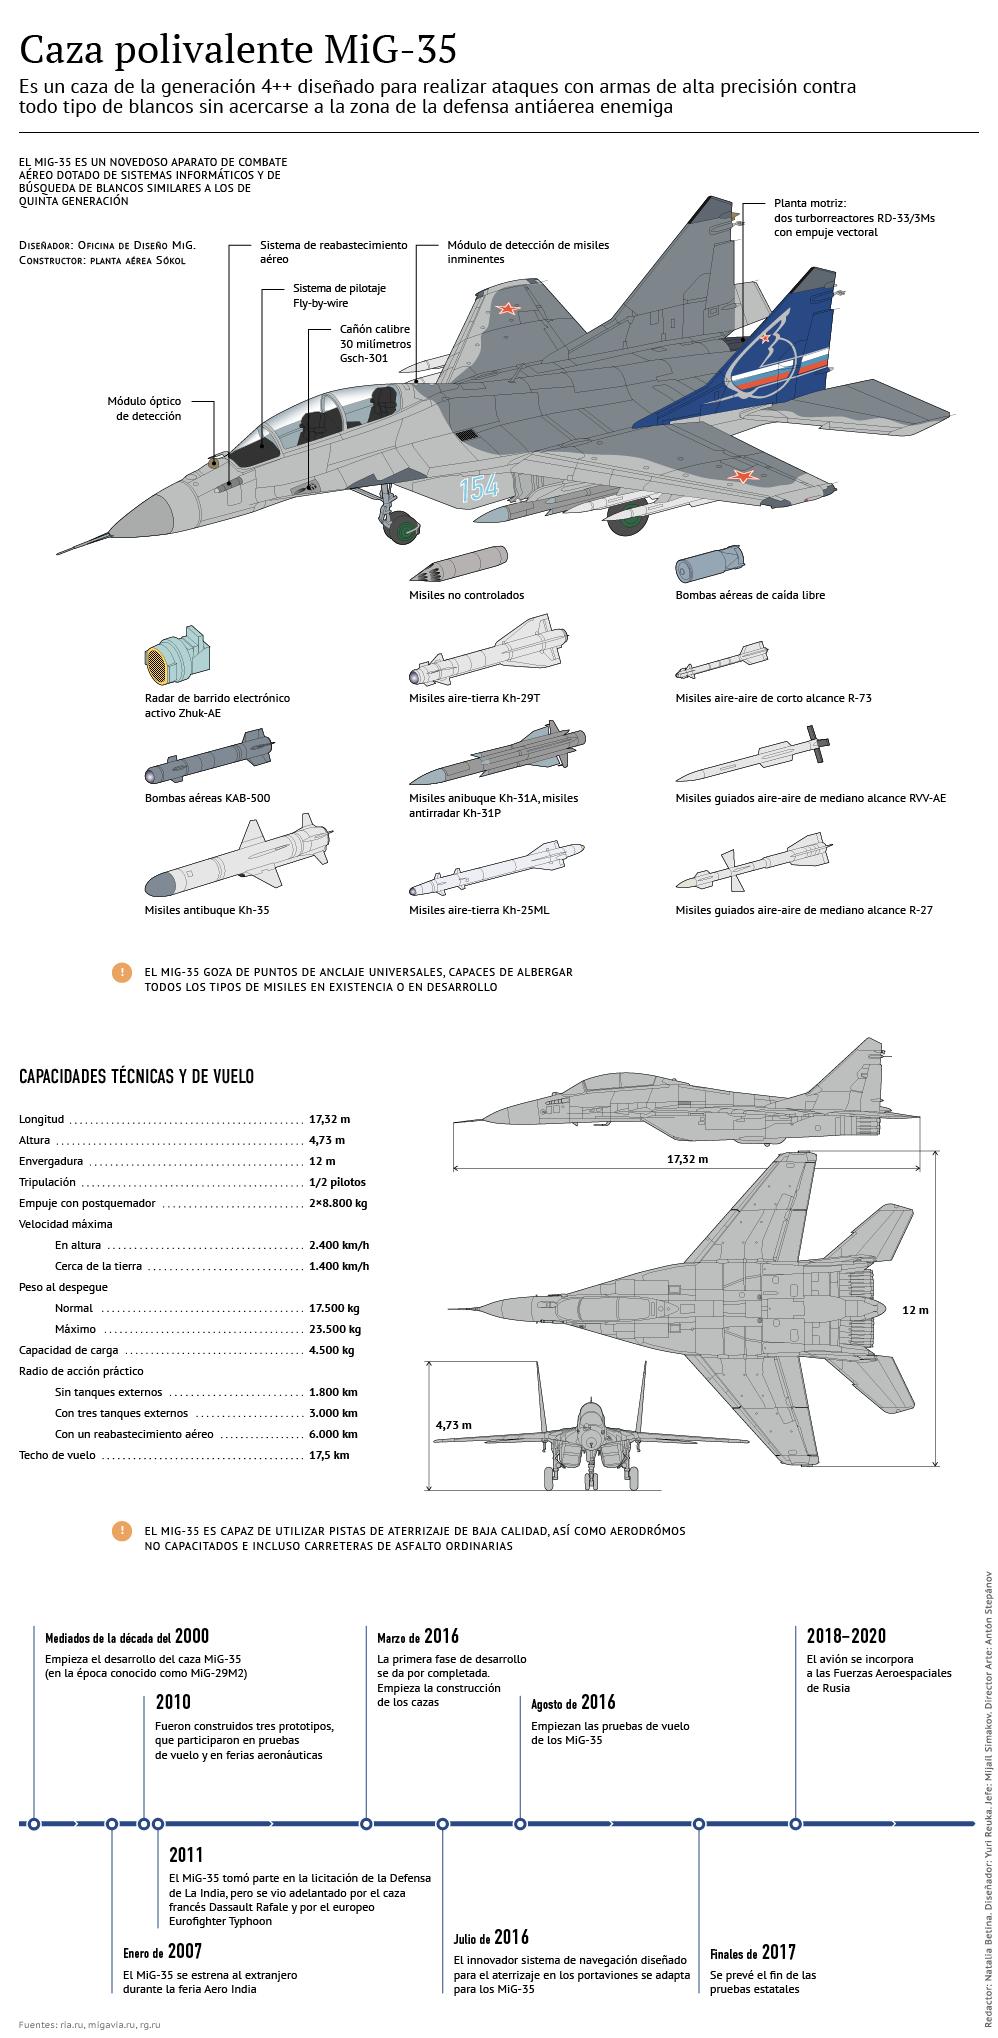 Caza polivalente MiG-35 - Sputnik Mundo